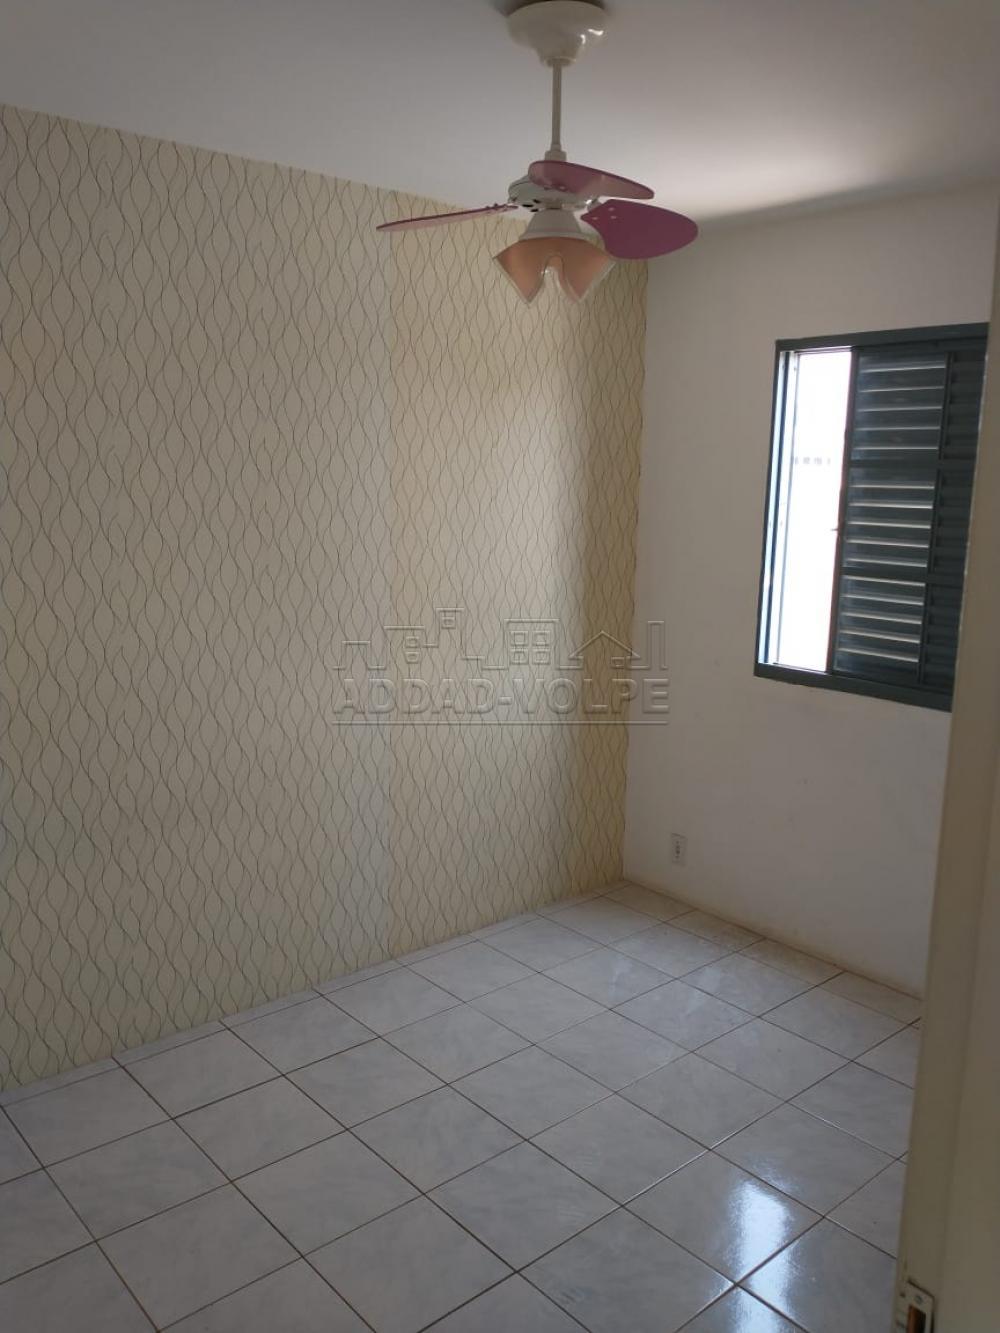 Comprar Apartamento / Padrão em Bauru apenas R$ 140.000,00 - Foto 9